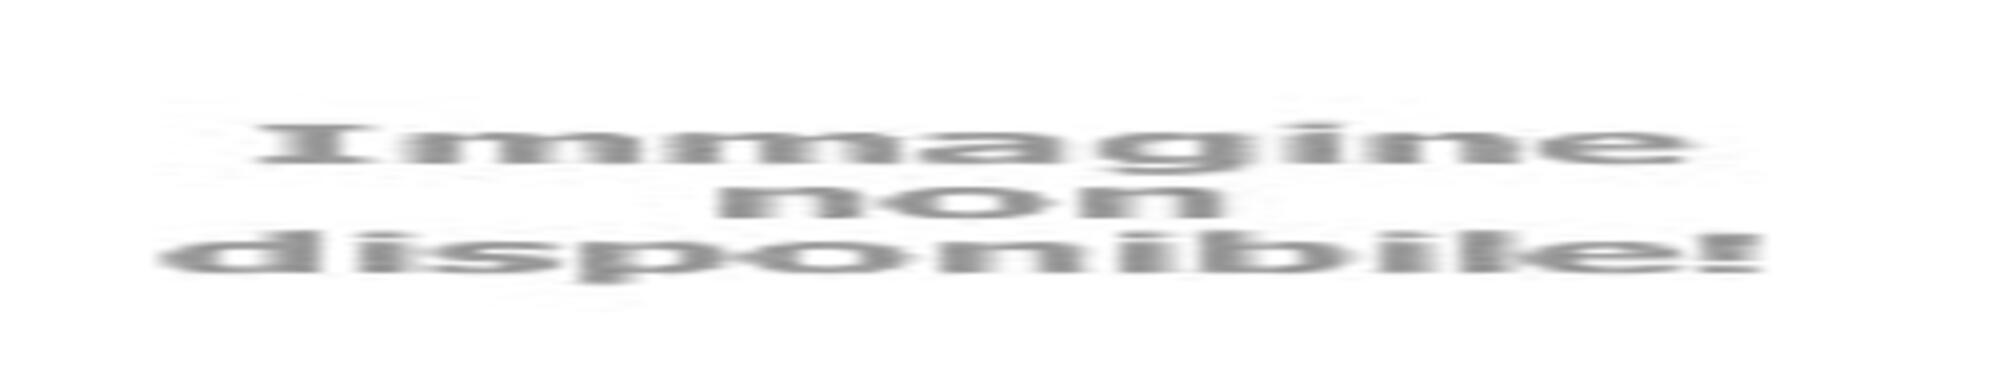 Offerta Fiera Ecomondo per Visitatori ed Espositori